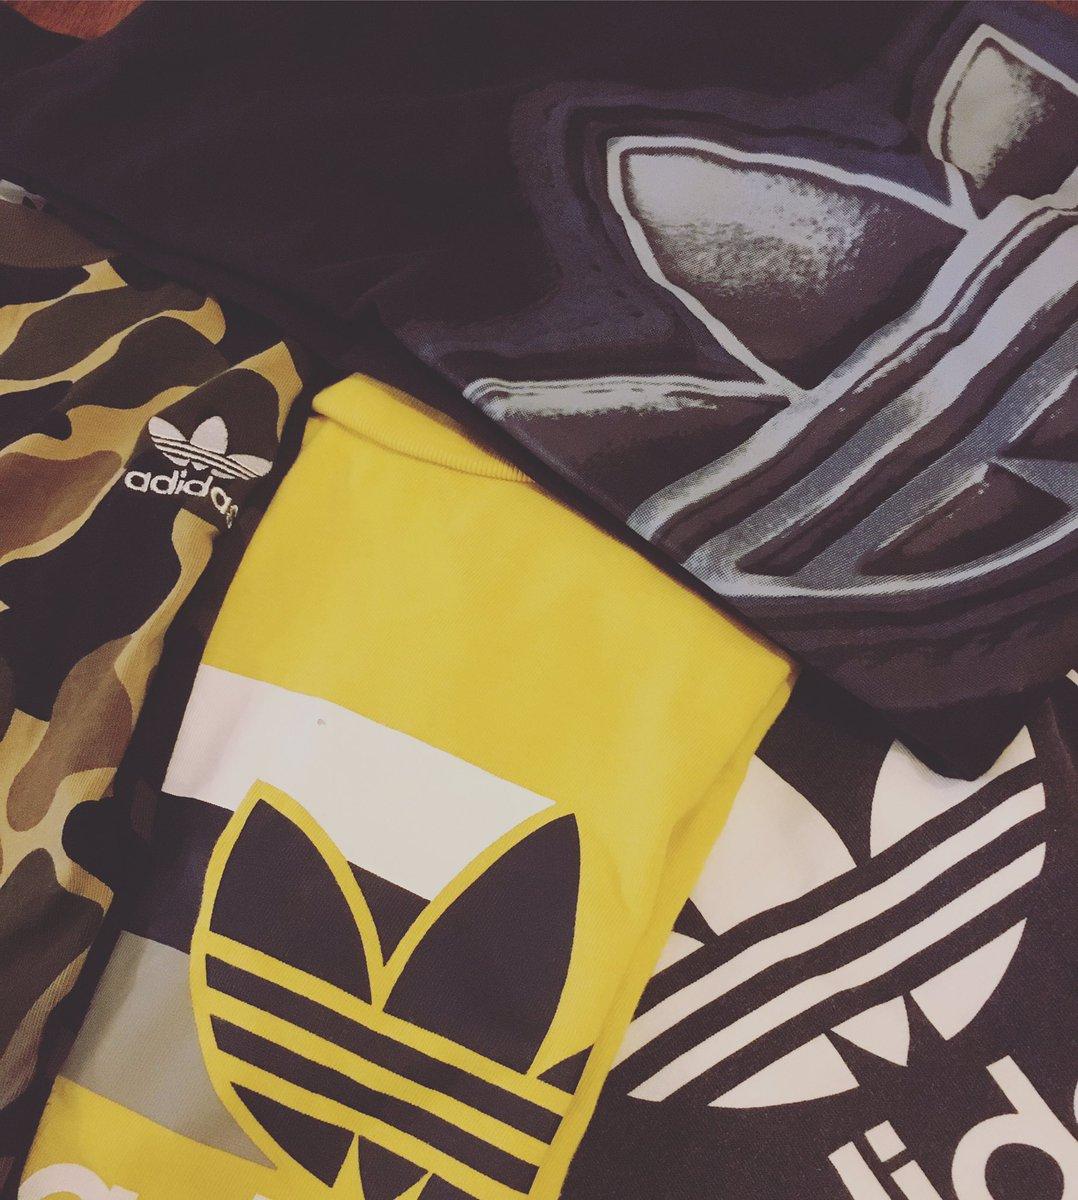 今日もガンガン新商品出してます🐼✨  アディダスアイテムも各種大量に入ってきましたよ〜🙄🙄  いよいよ夏の暑さも本格的になってきたので、これからに向けて是非ご覧になってみて下さい🙄✨  #SLADY_ASAHIKAWA #古着 #vintage #ファッション #オシャレ  #ストリート #アディダス #Tシャツ